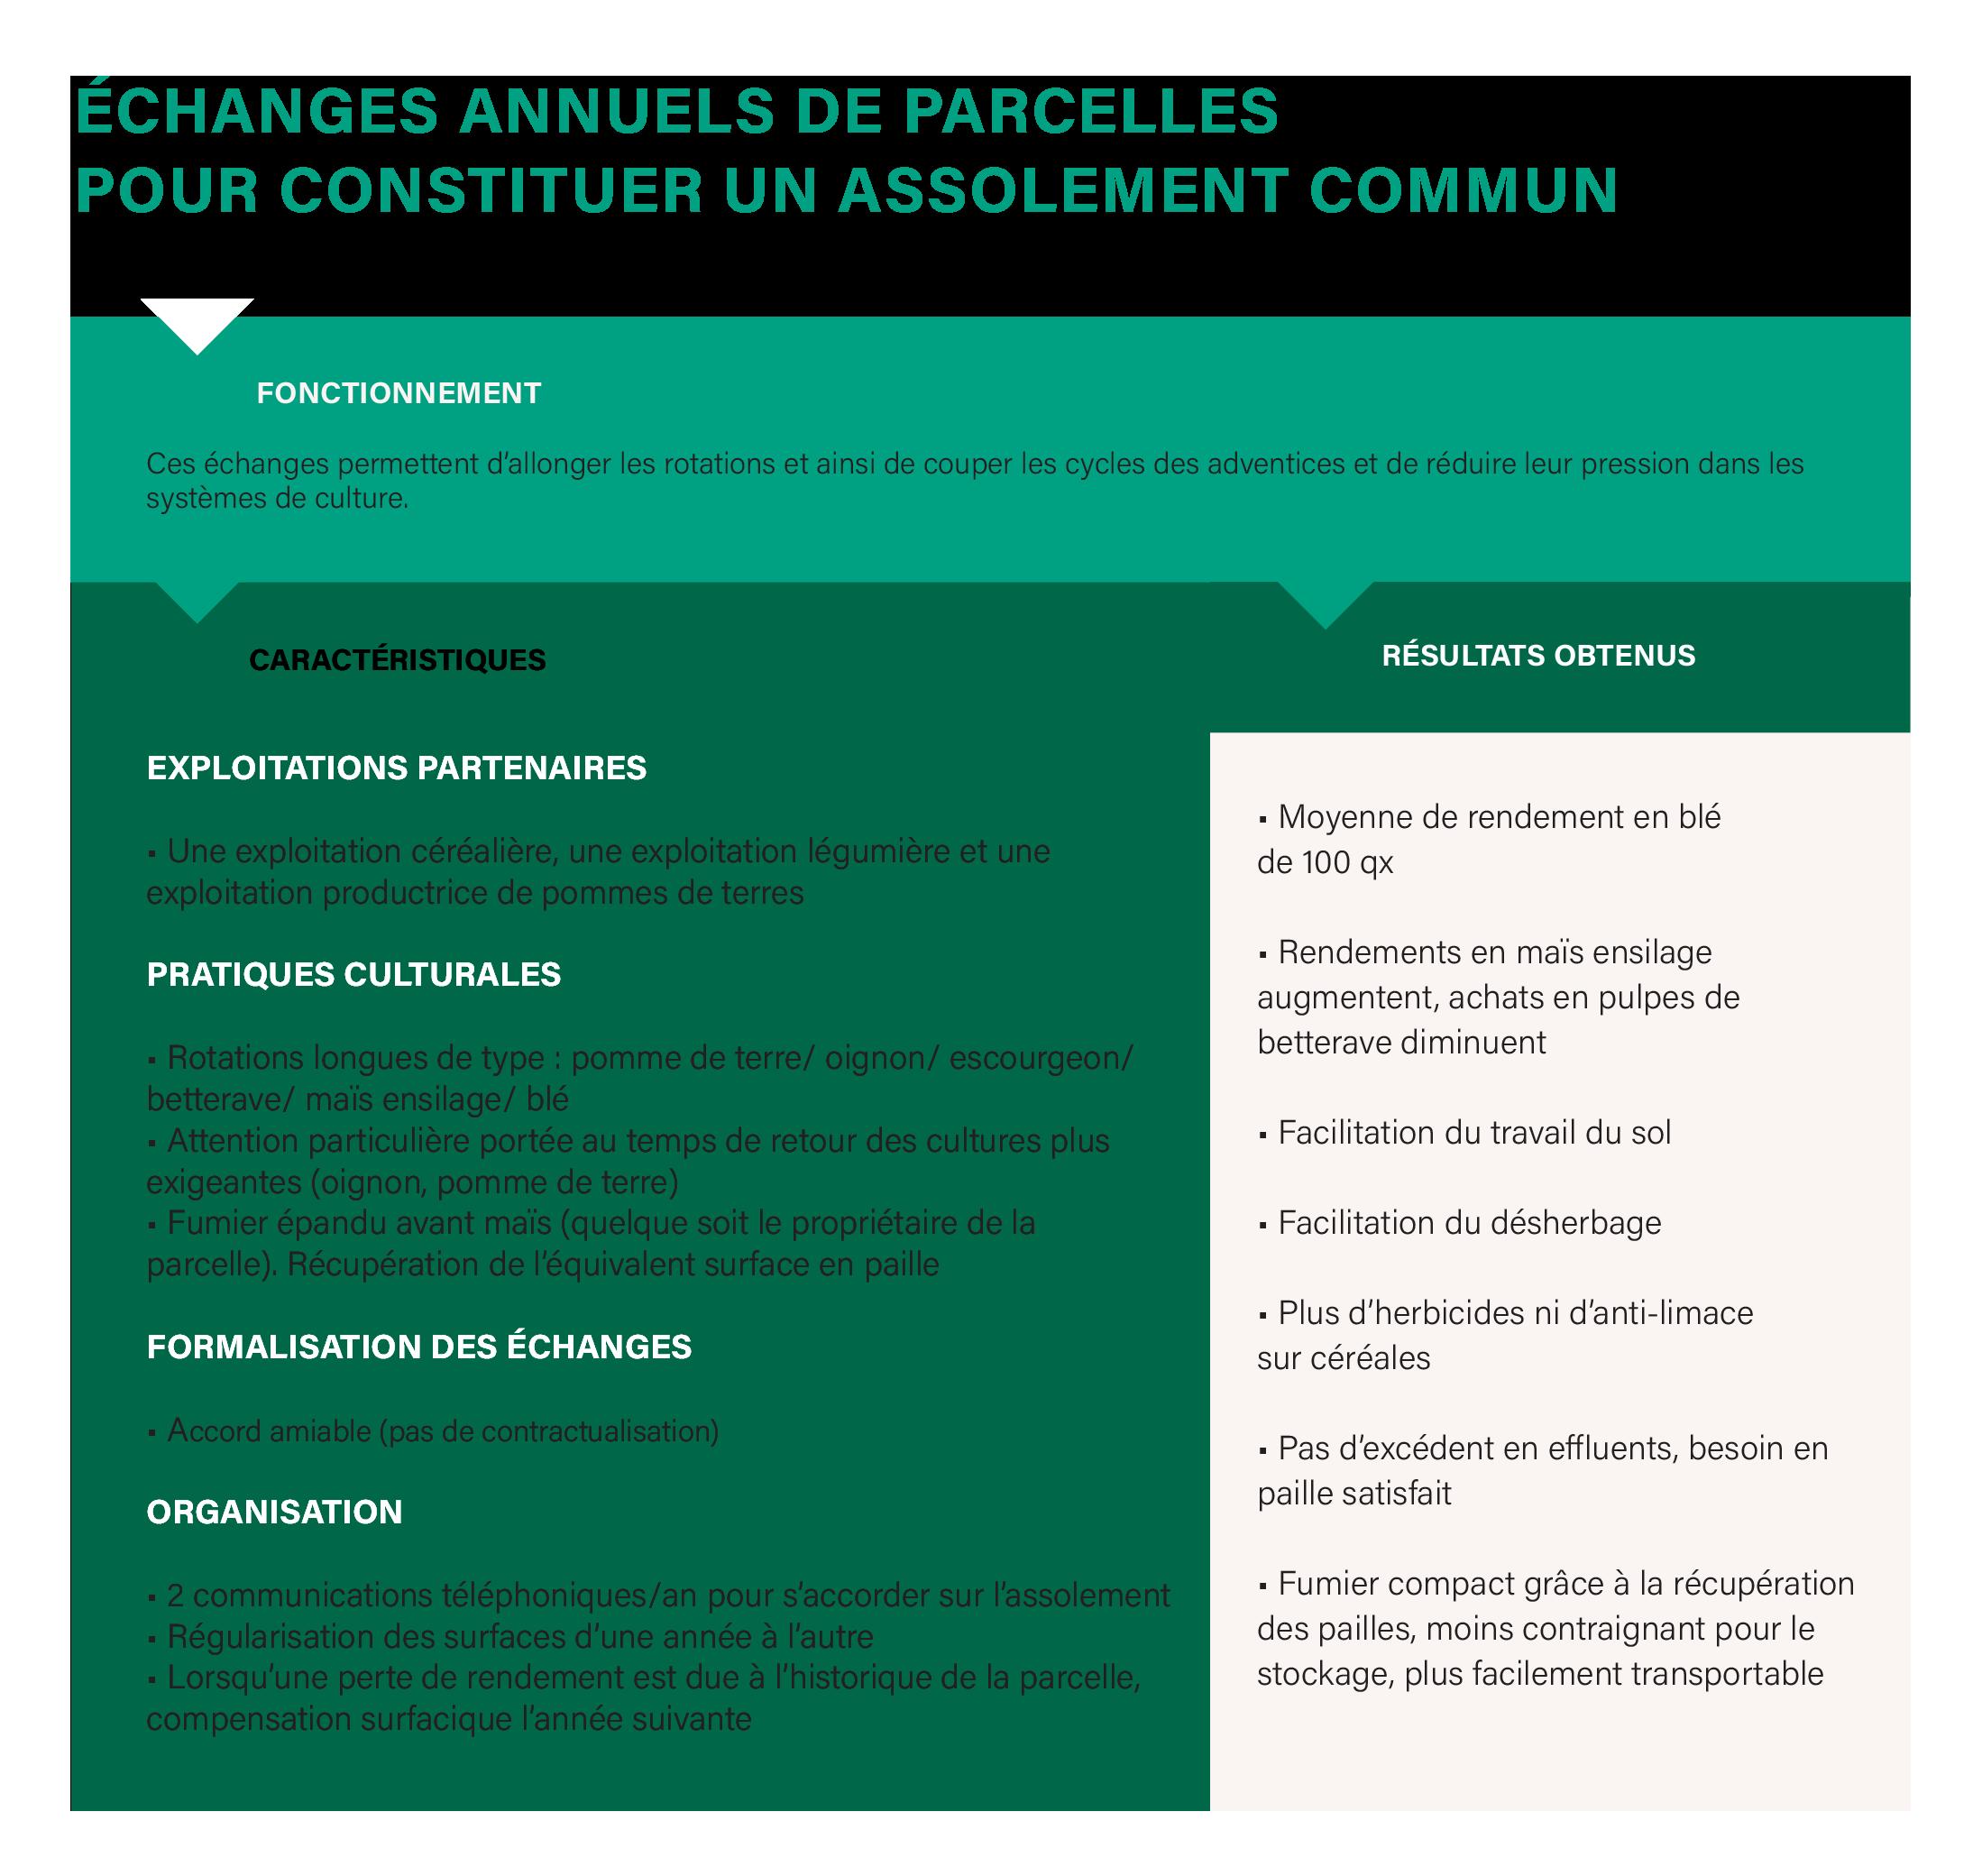 BLOC BURETTE ECANGES ANNUELS DE PARCELLES V2